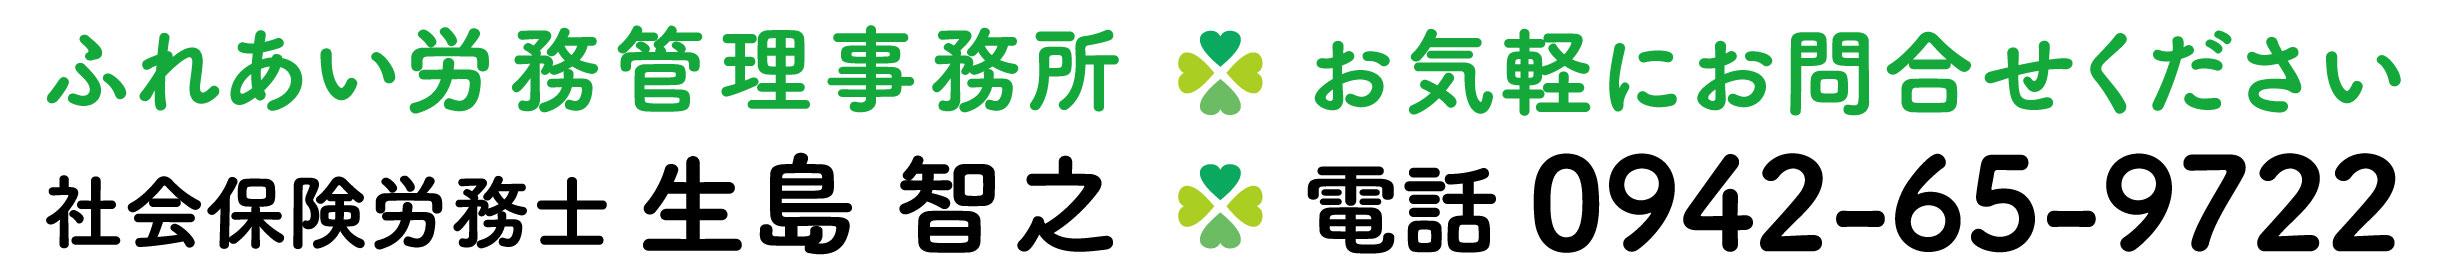 ふれあい労務管理事務所【久留米市】社会保険労務事務所